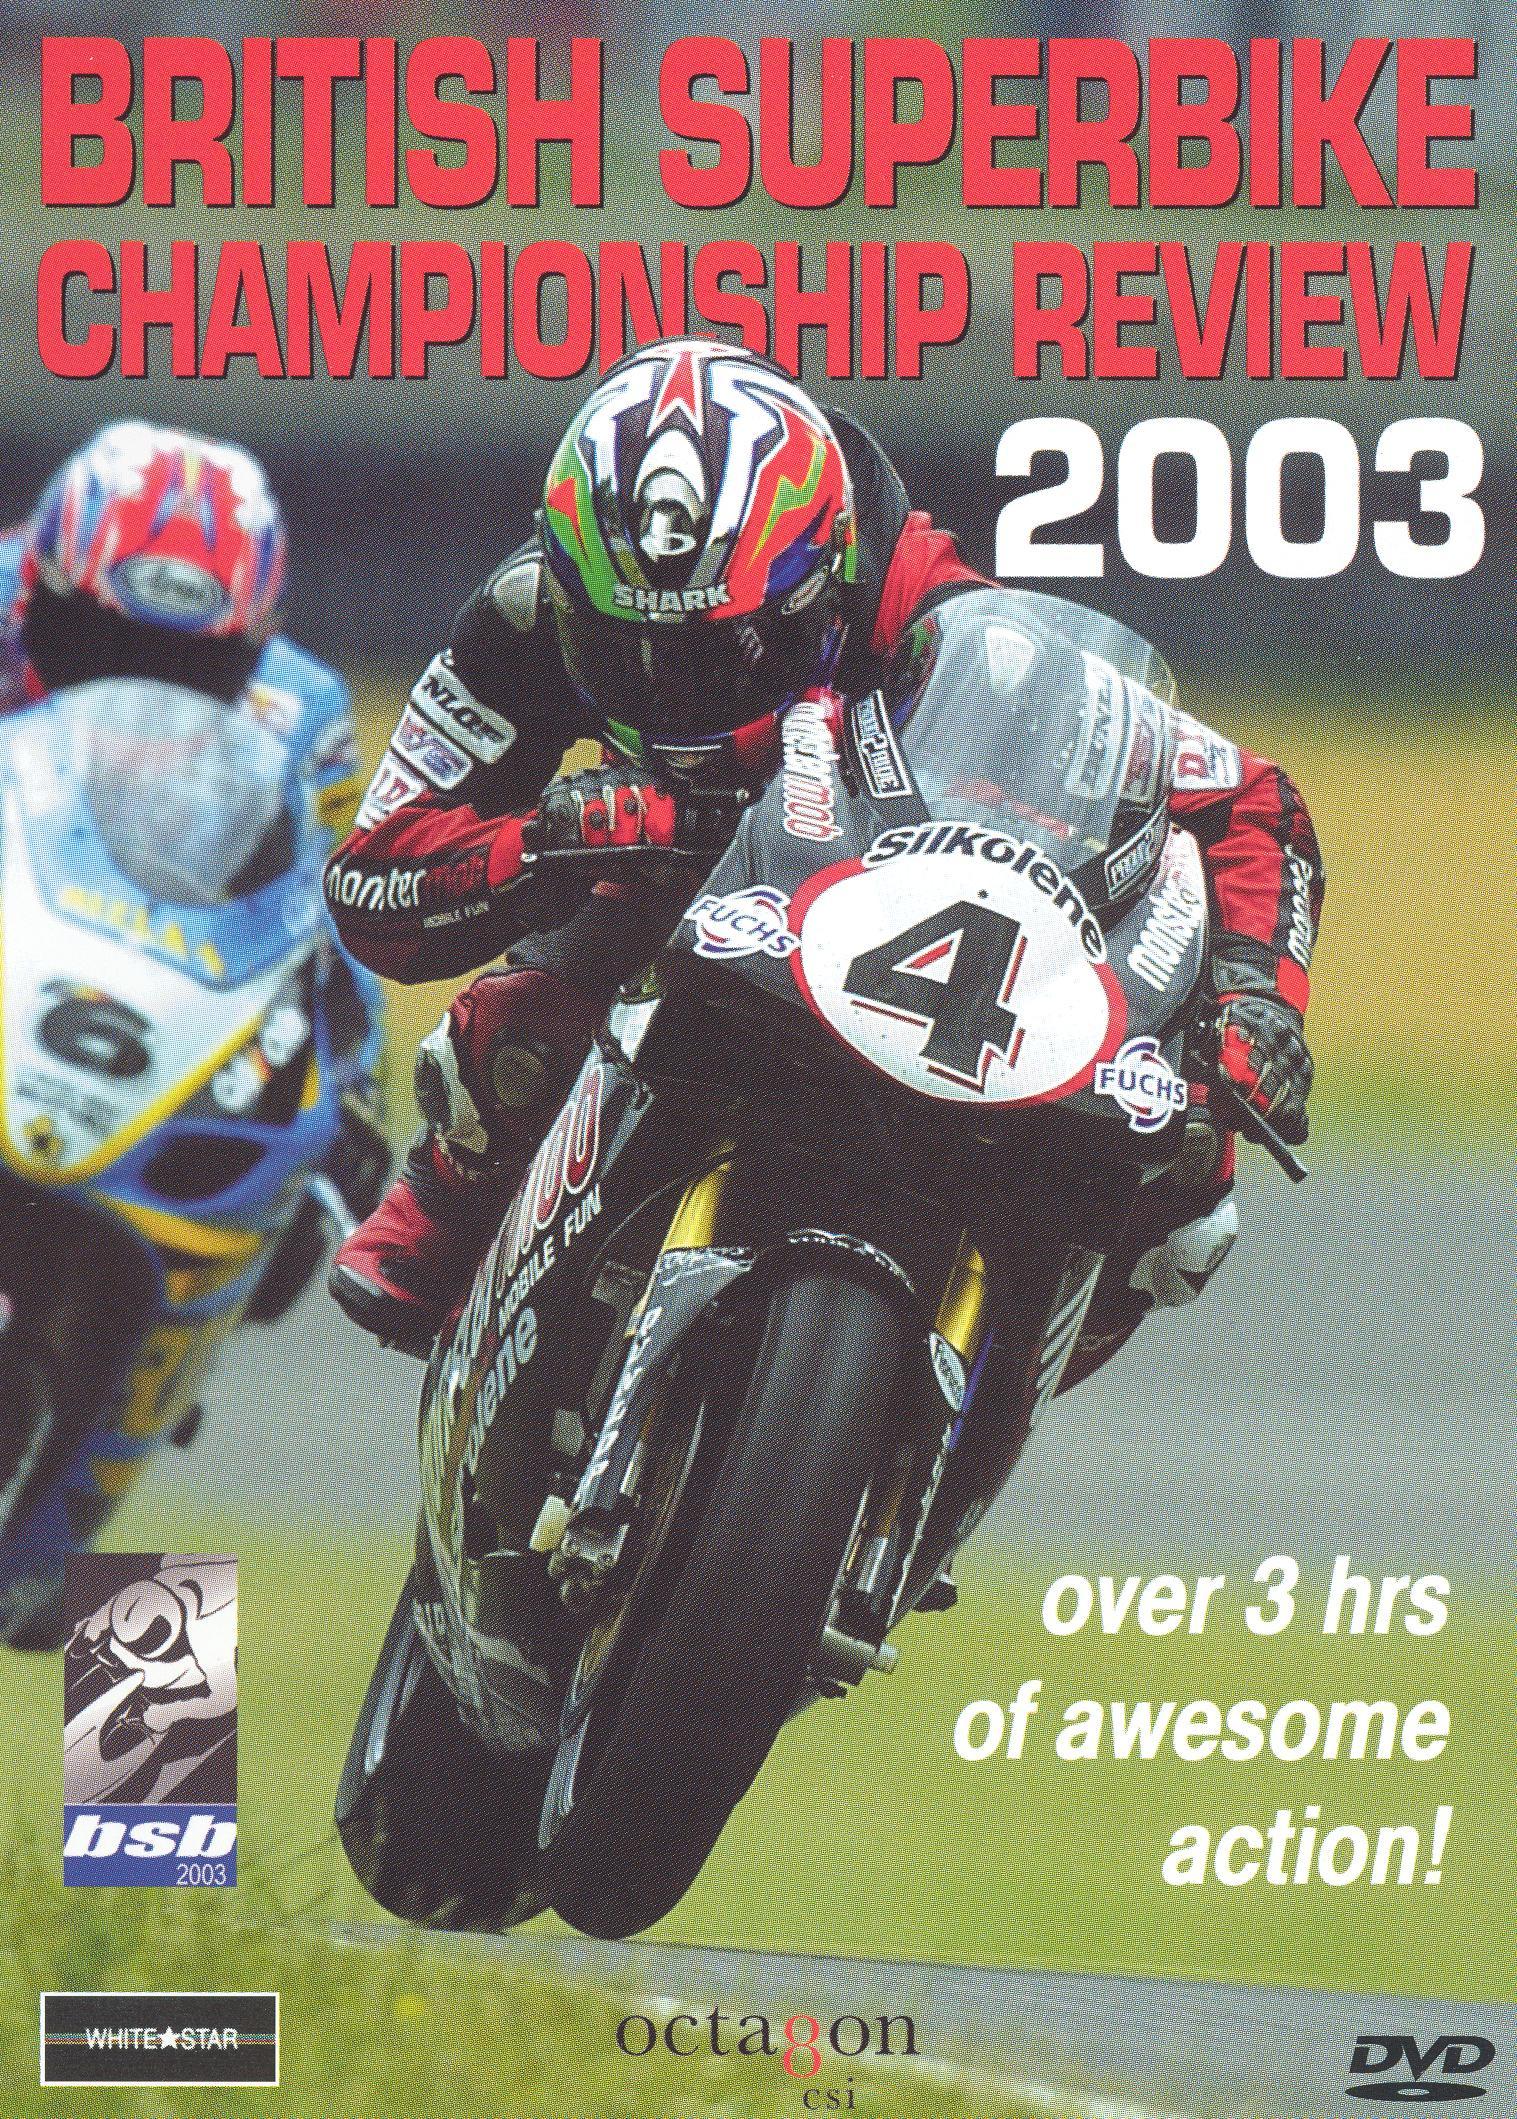 British Superbike Championship Review 2003